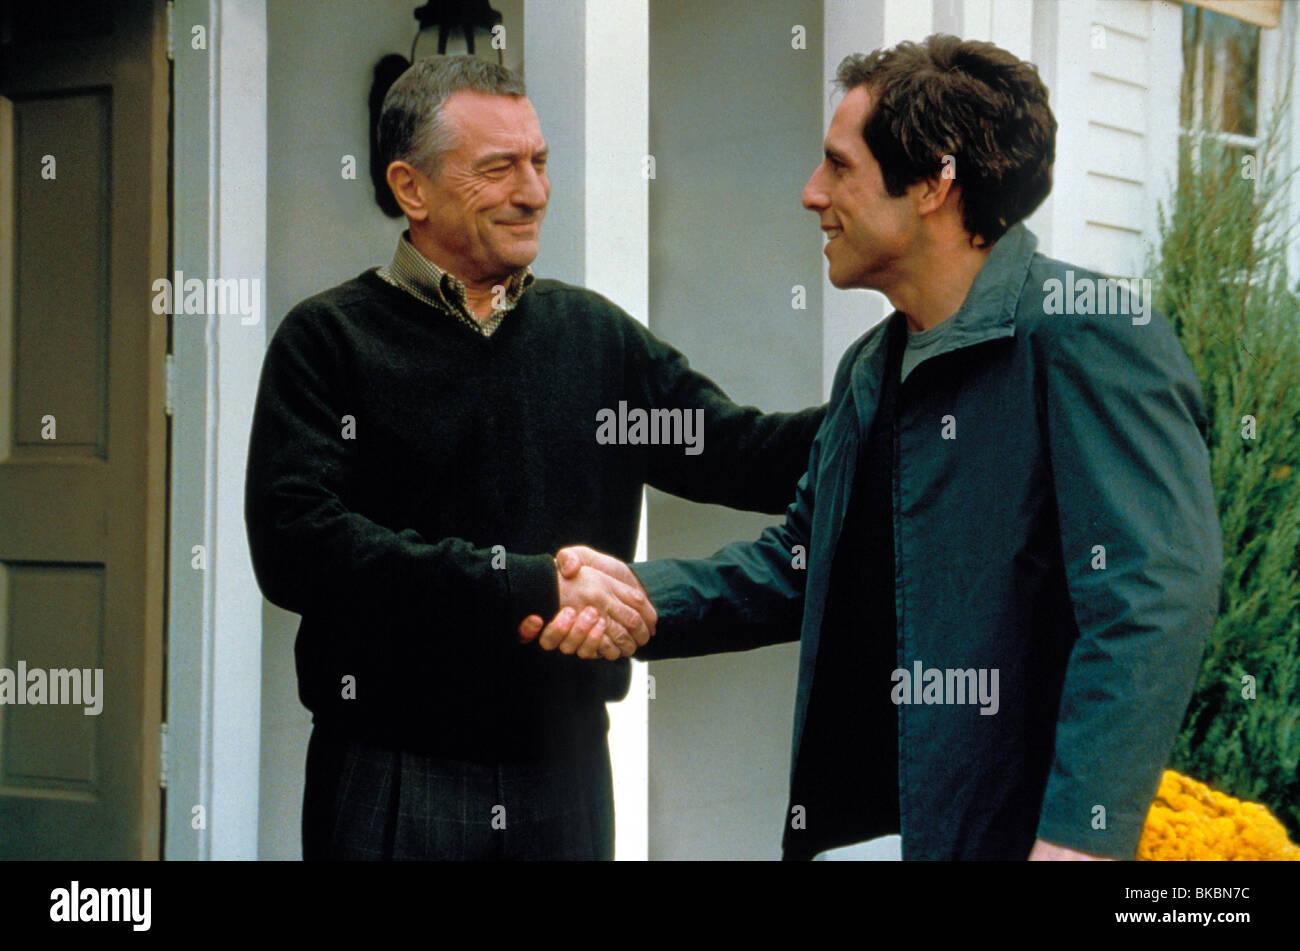 MEET THE PARENTS (2000) ROBERT DE NIRO, BEN STILLER MEET 060 - Stock Image